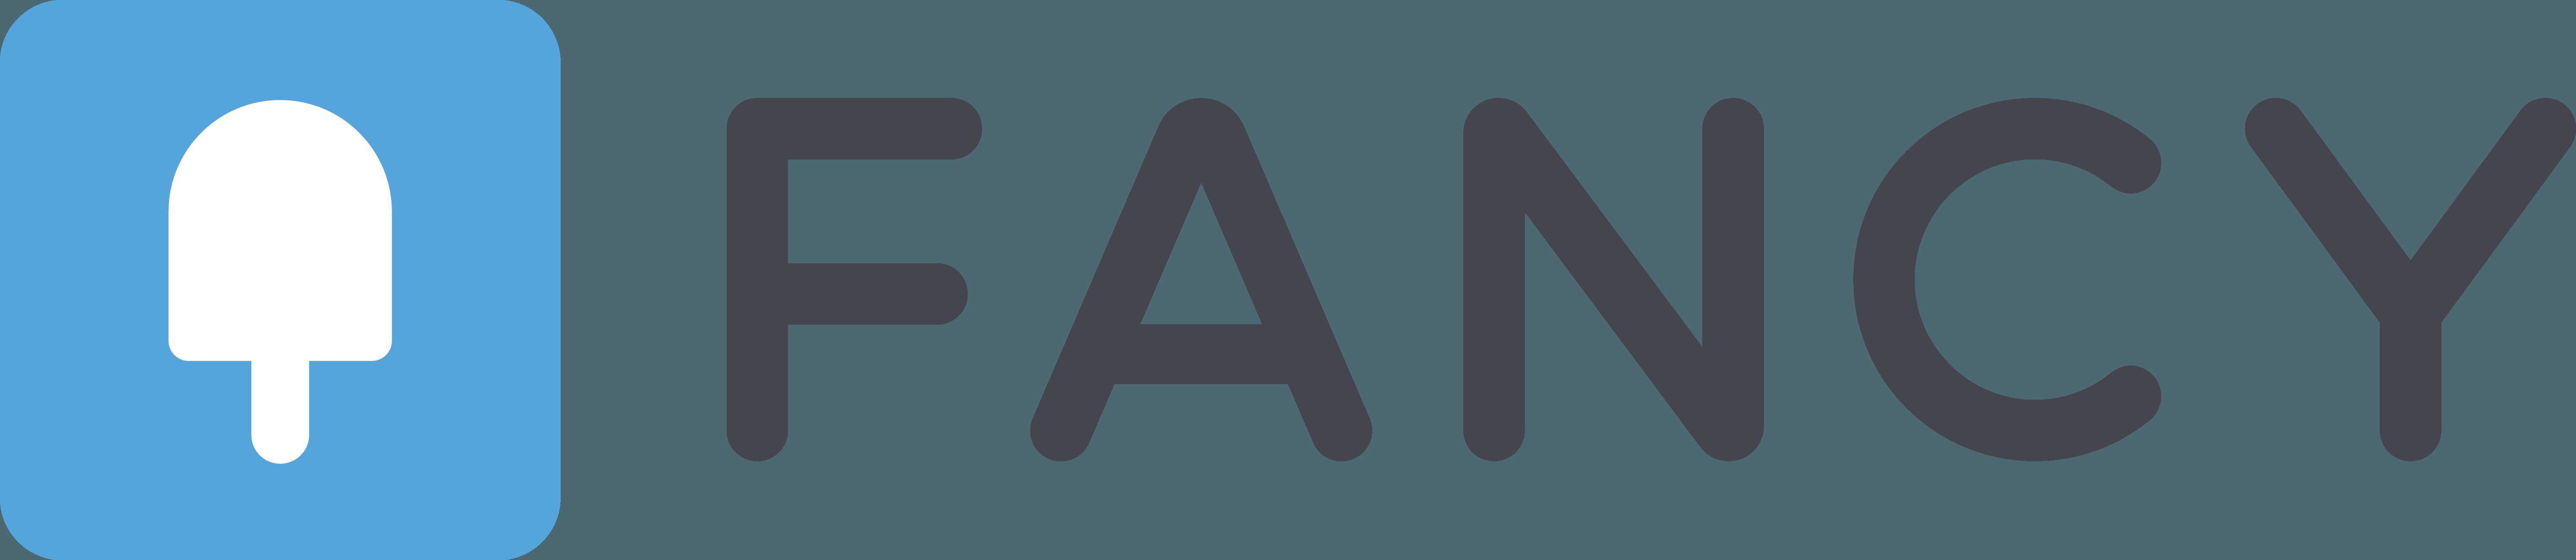 Fancy Logo png